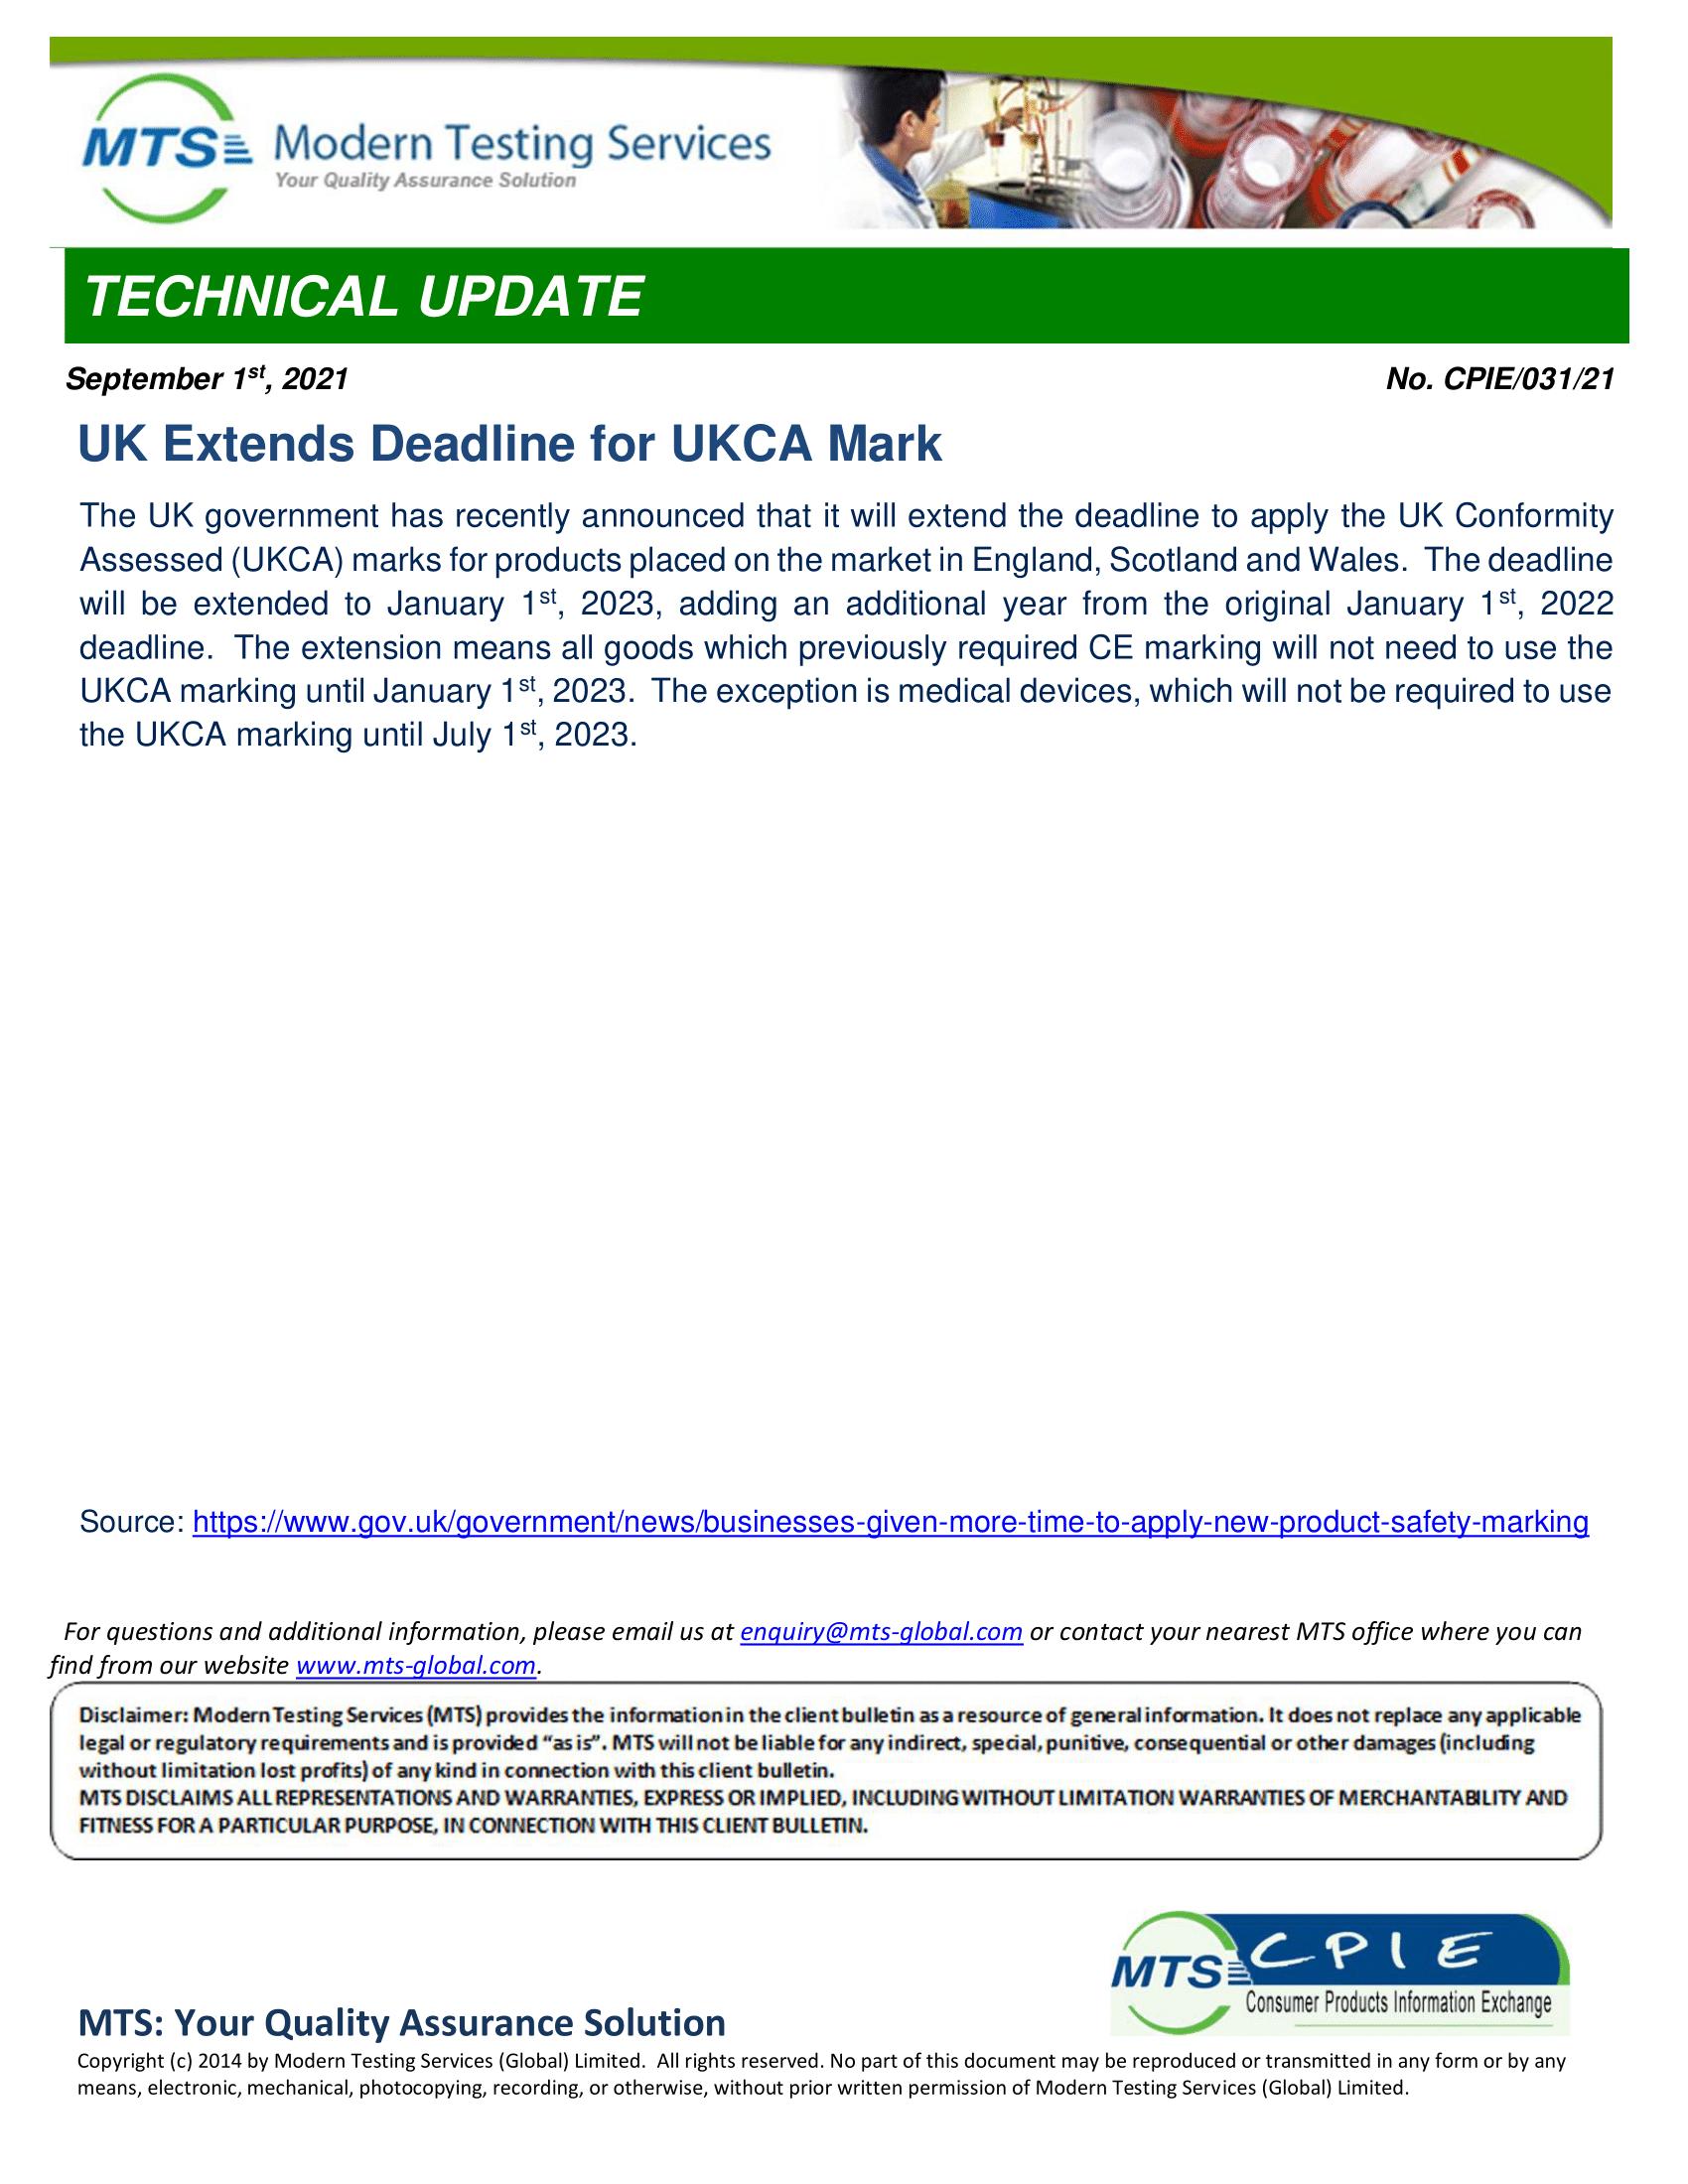 CPIE-031-21 UK Extends Deadline for UKCA Mark-1